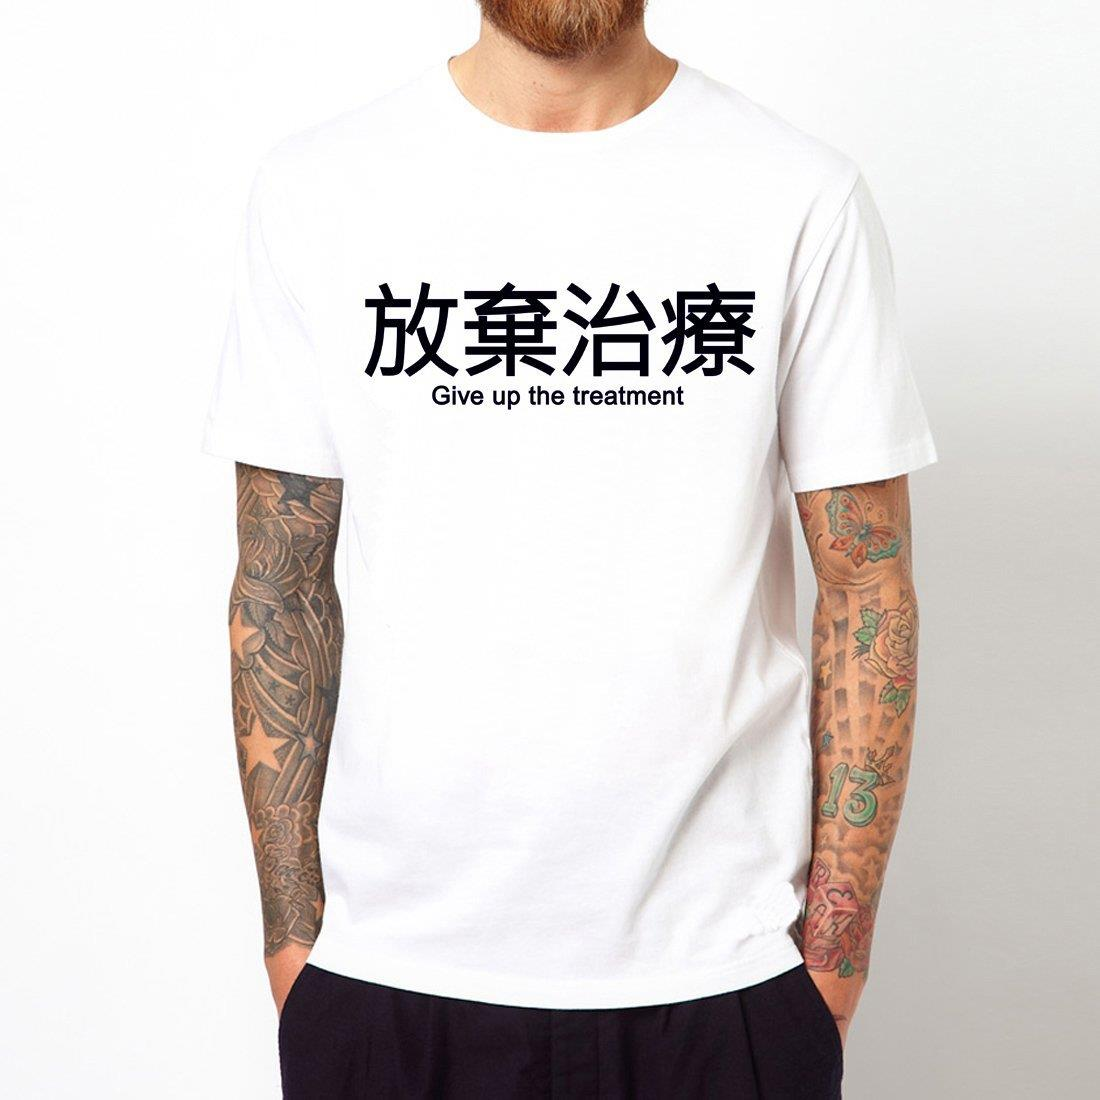 放棄治療give up treatment短袖T恤~2色 中文漢字文字潮 趣味幽默 t G